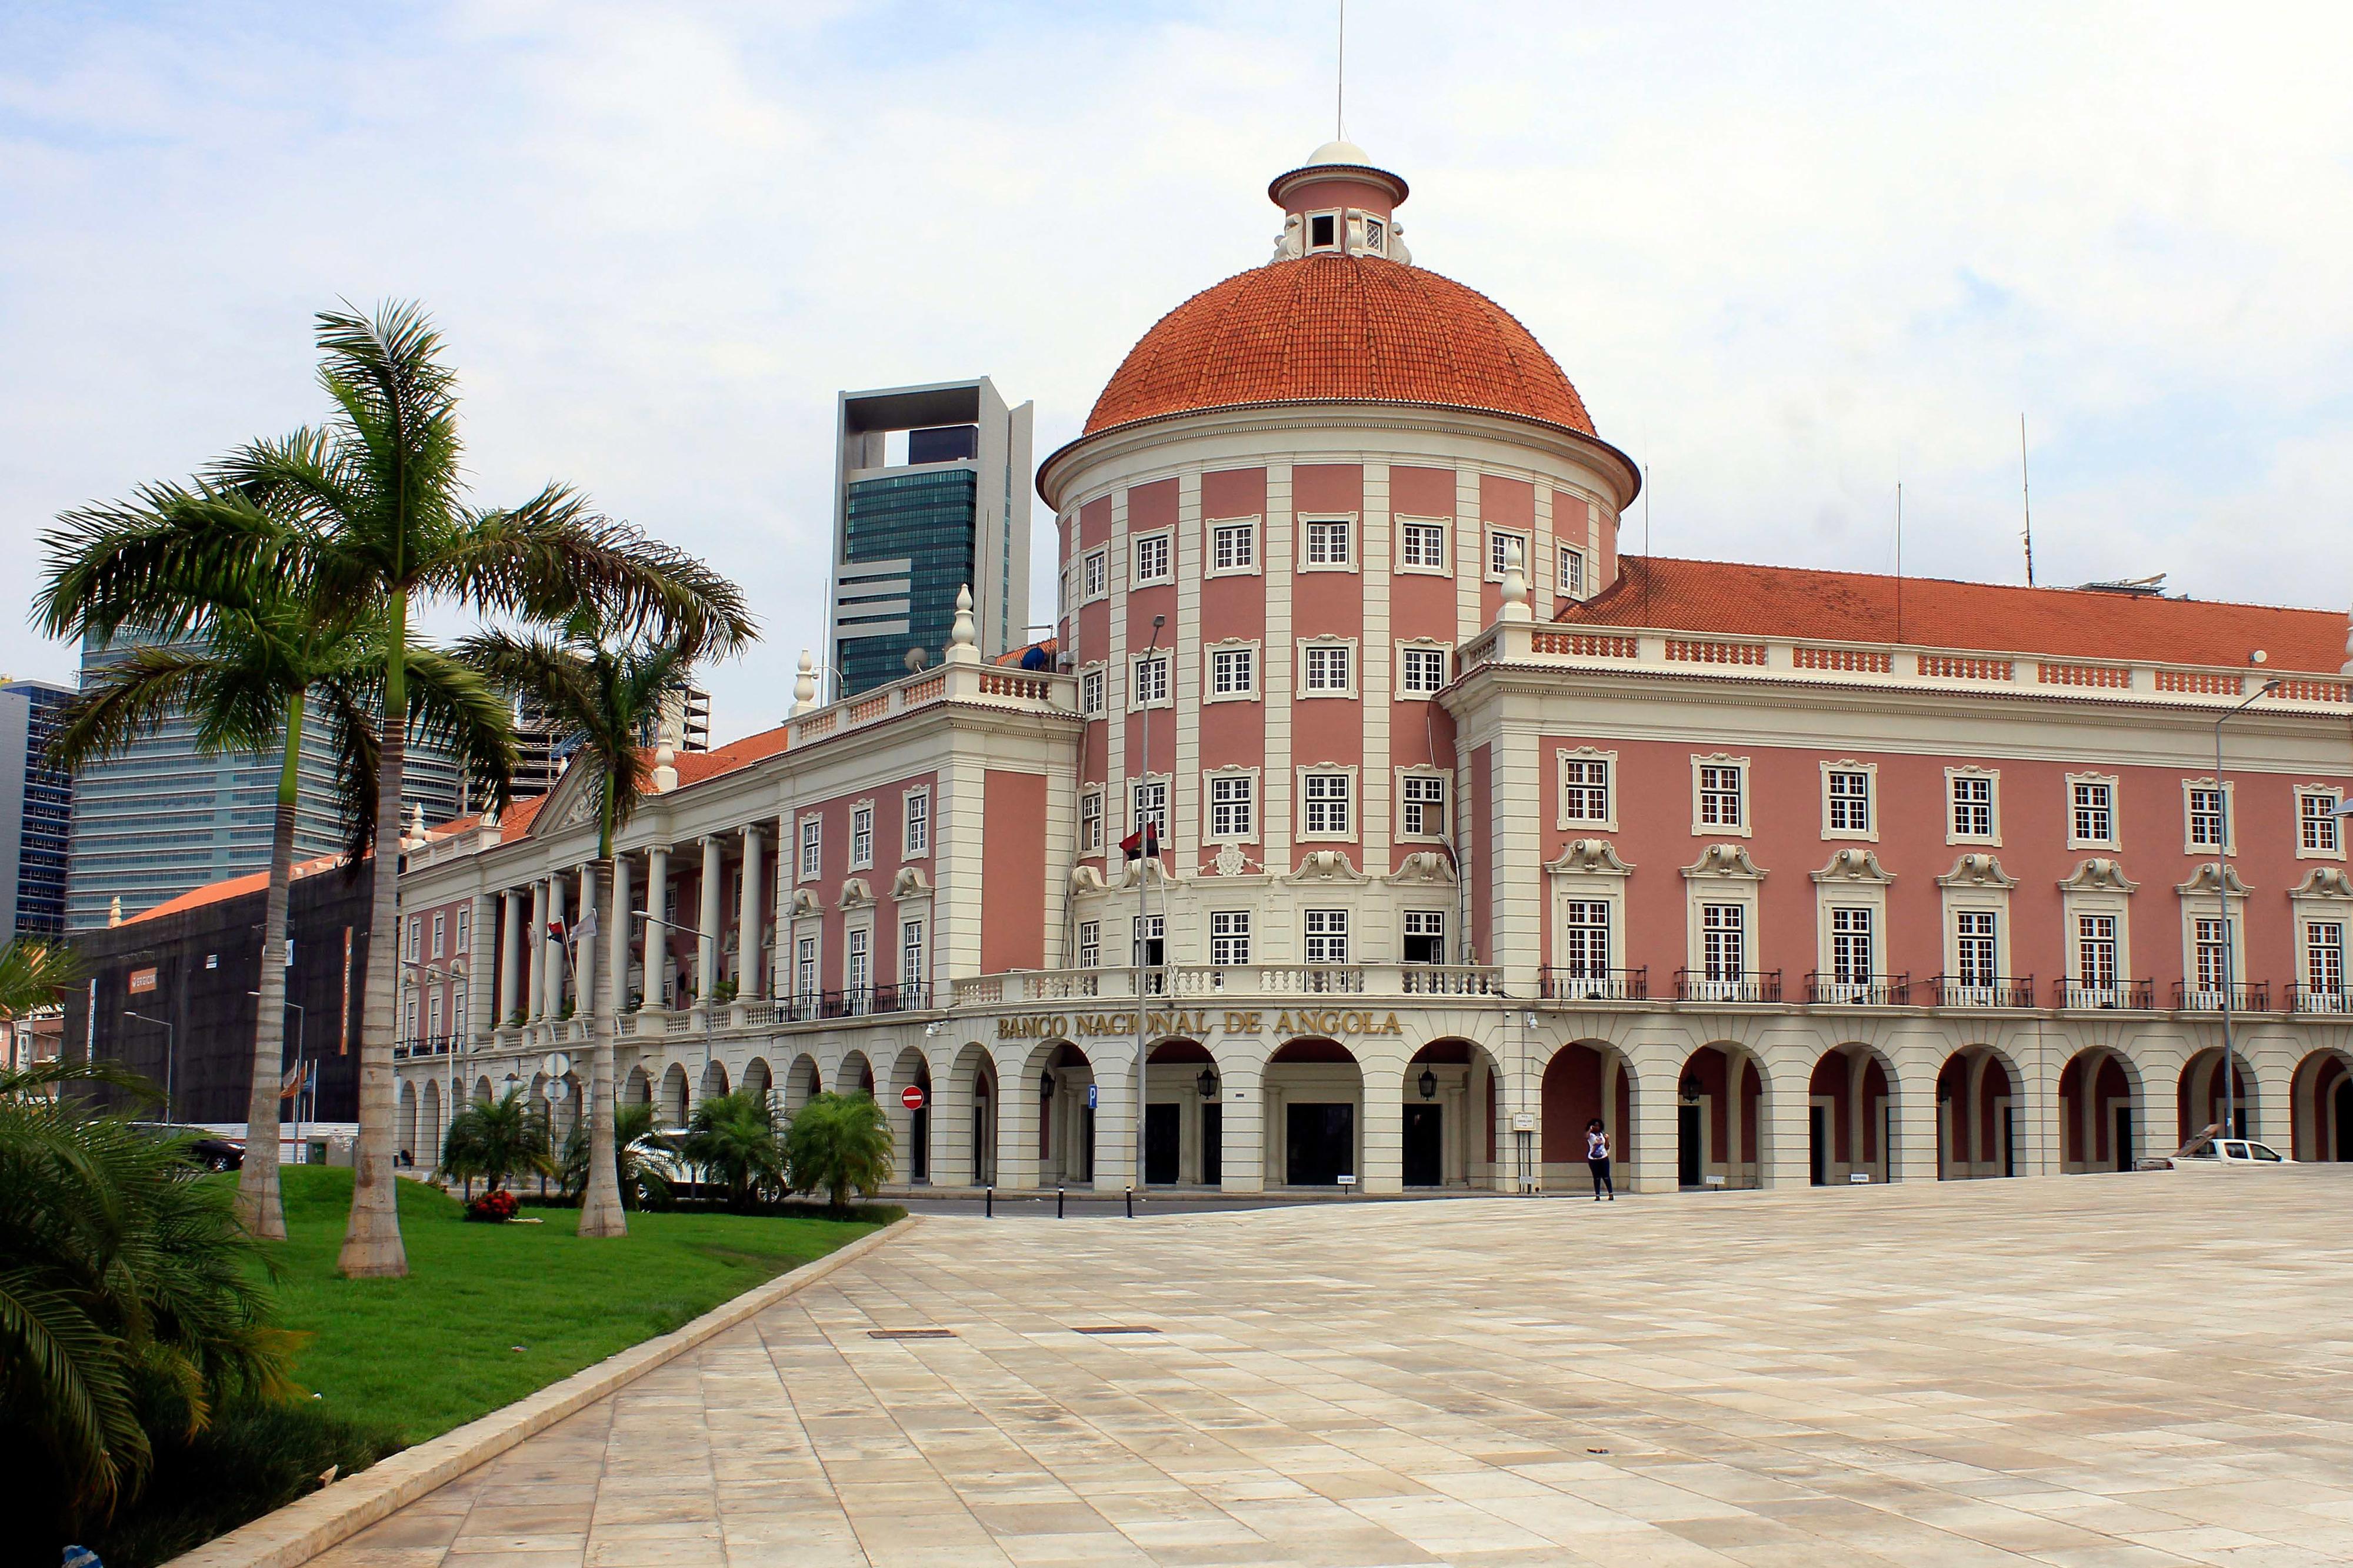 Compra de obrigações do Tesouro injeta quase 170 milhões de euros em Angola